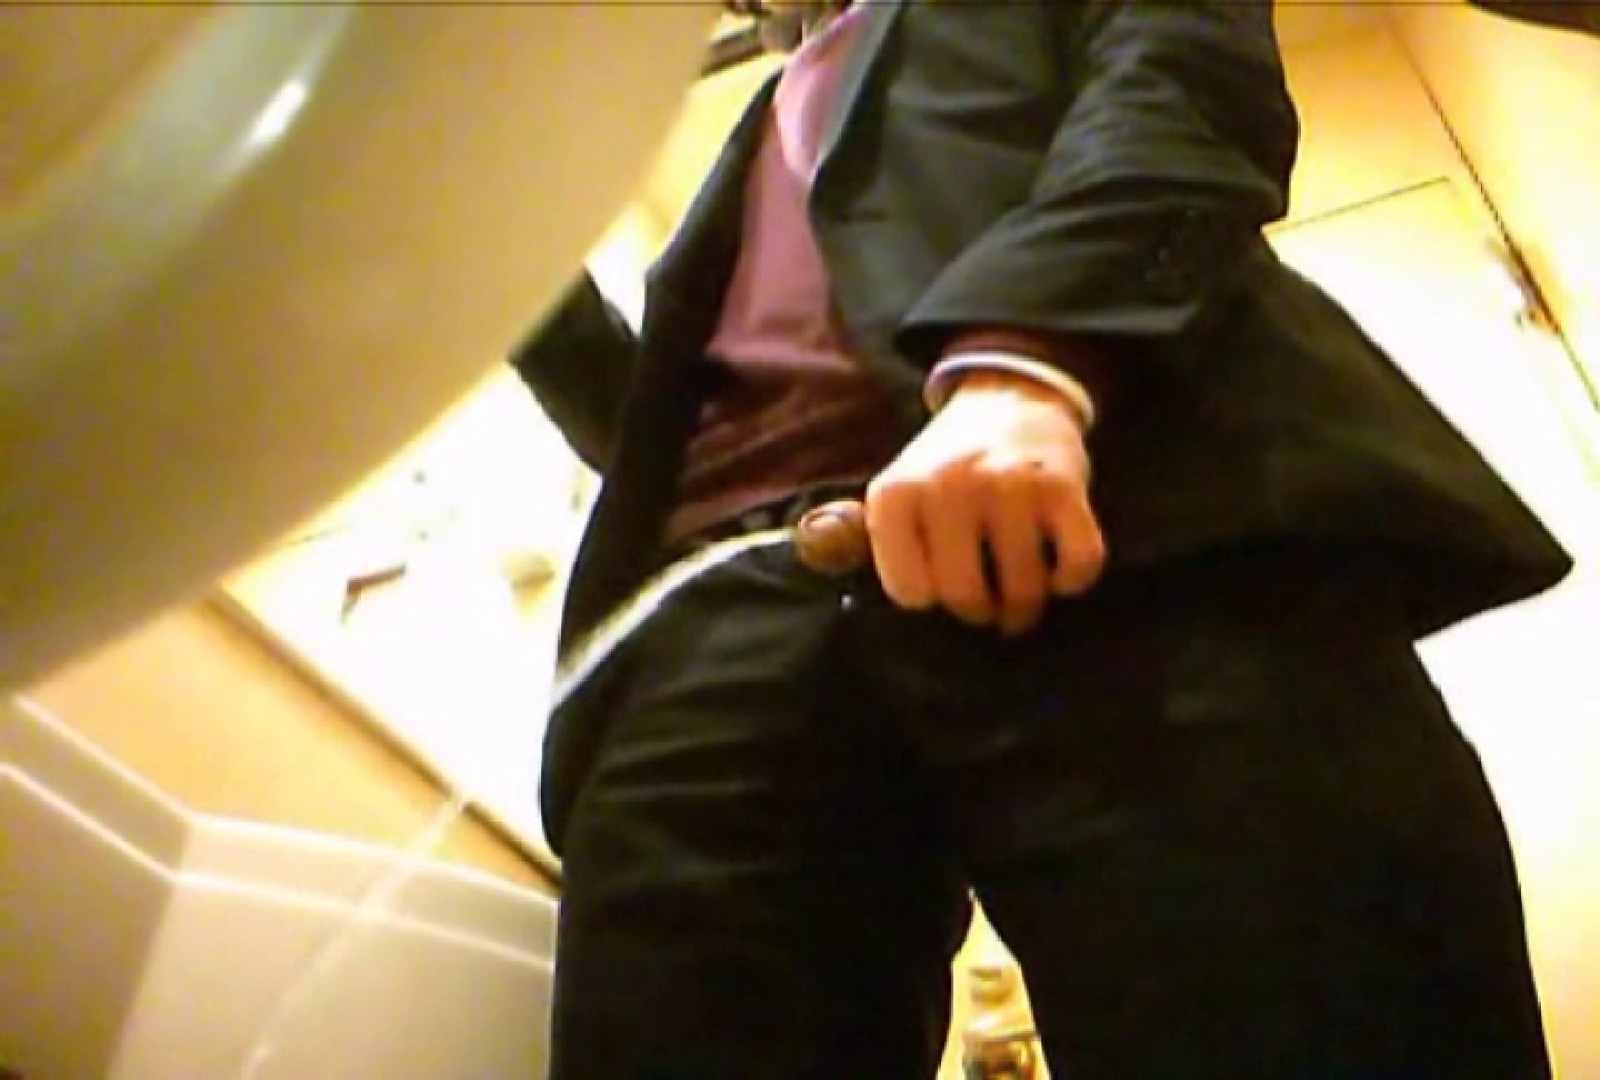 SEASON 2ND!掴み取りさんの洗面所覗き!in新幹線!VOL.02 のぞき ゲイ射精画像 13画像 8